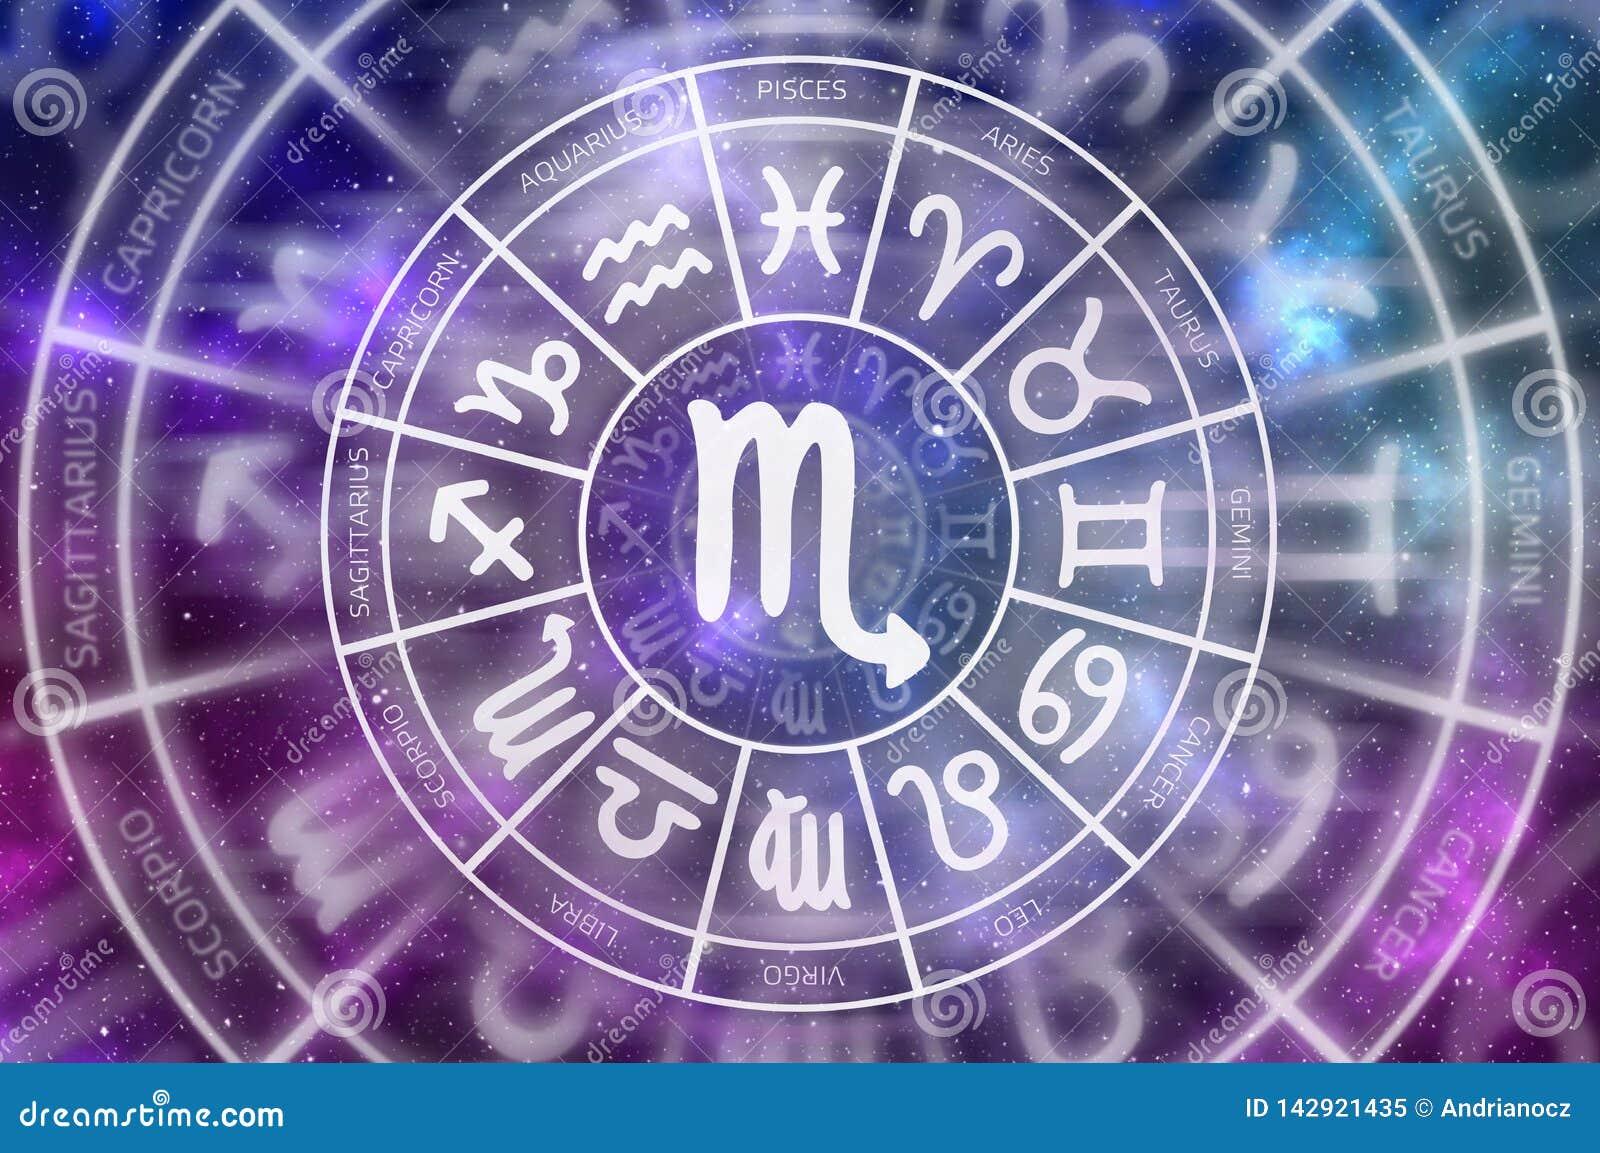 Símbolo del escorpión del zodiaco dentro del círculo del horóscopo